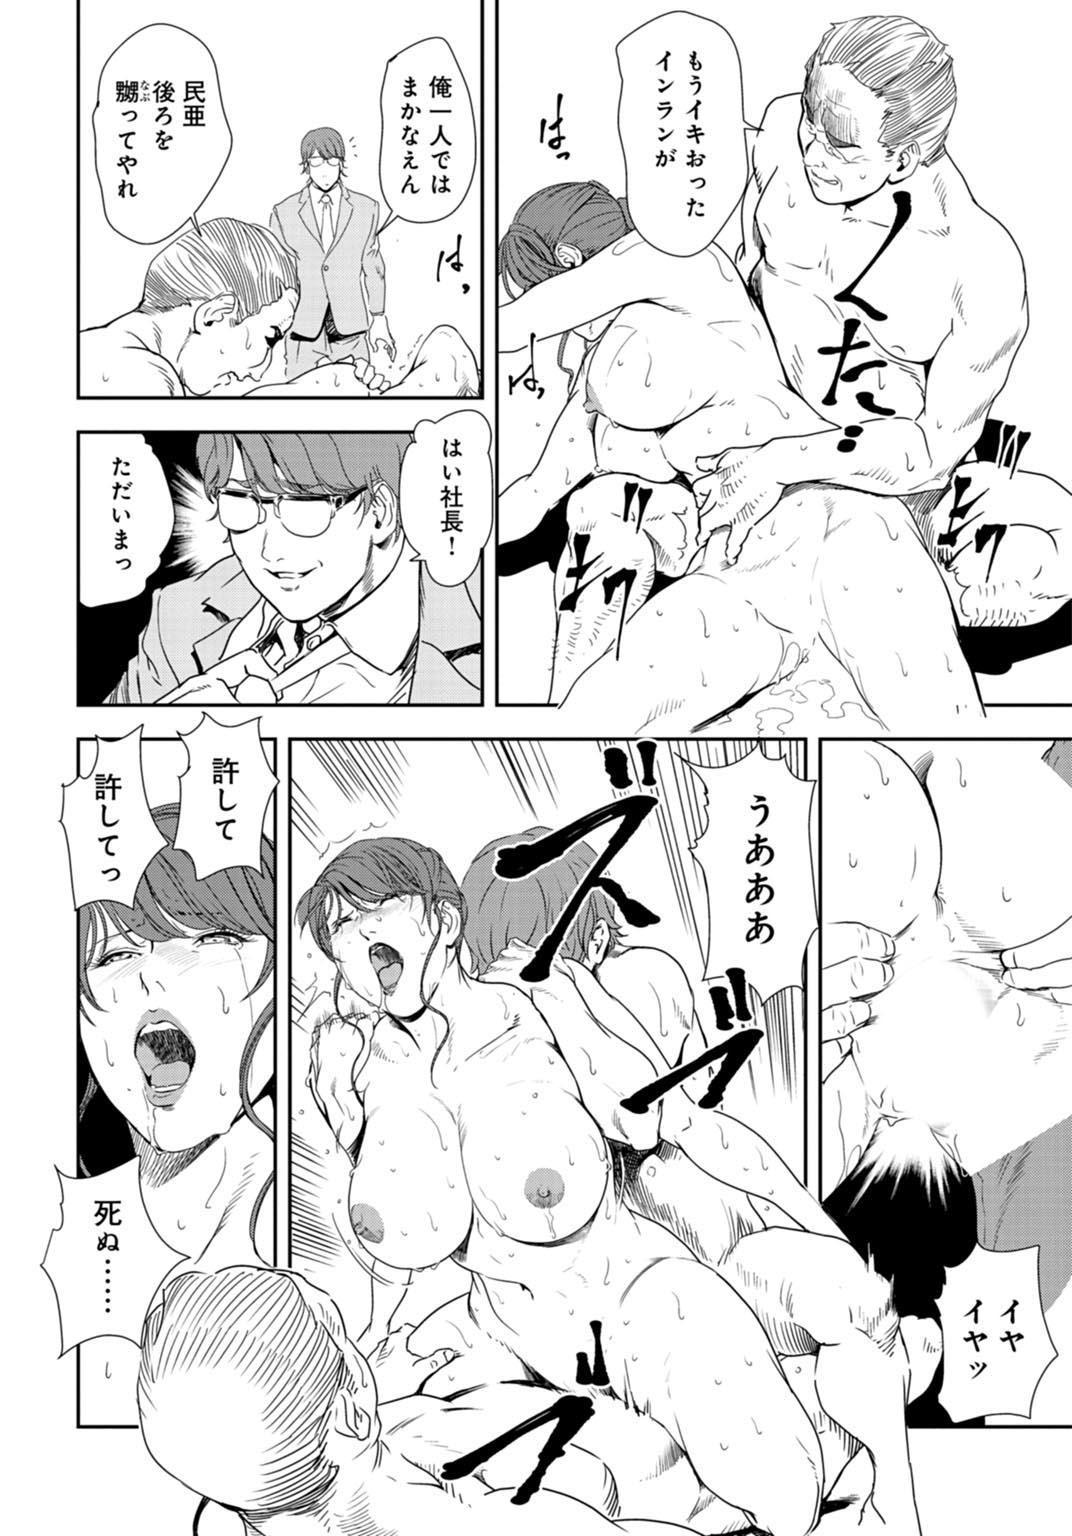 Nikuhisyo Yukiko 26 88